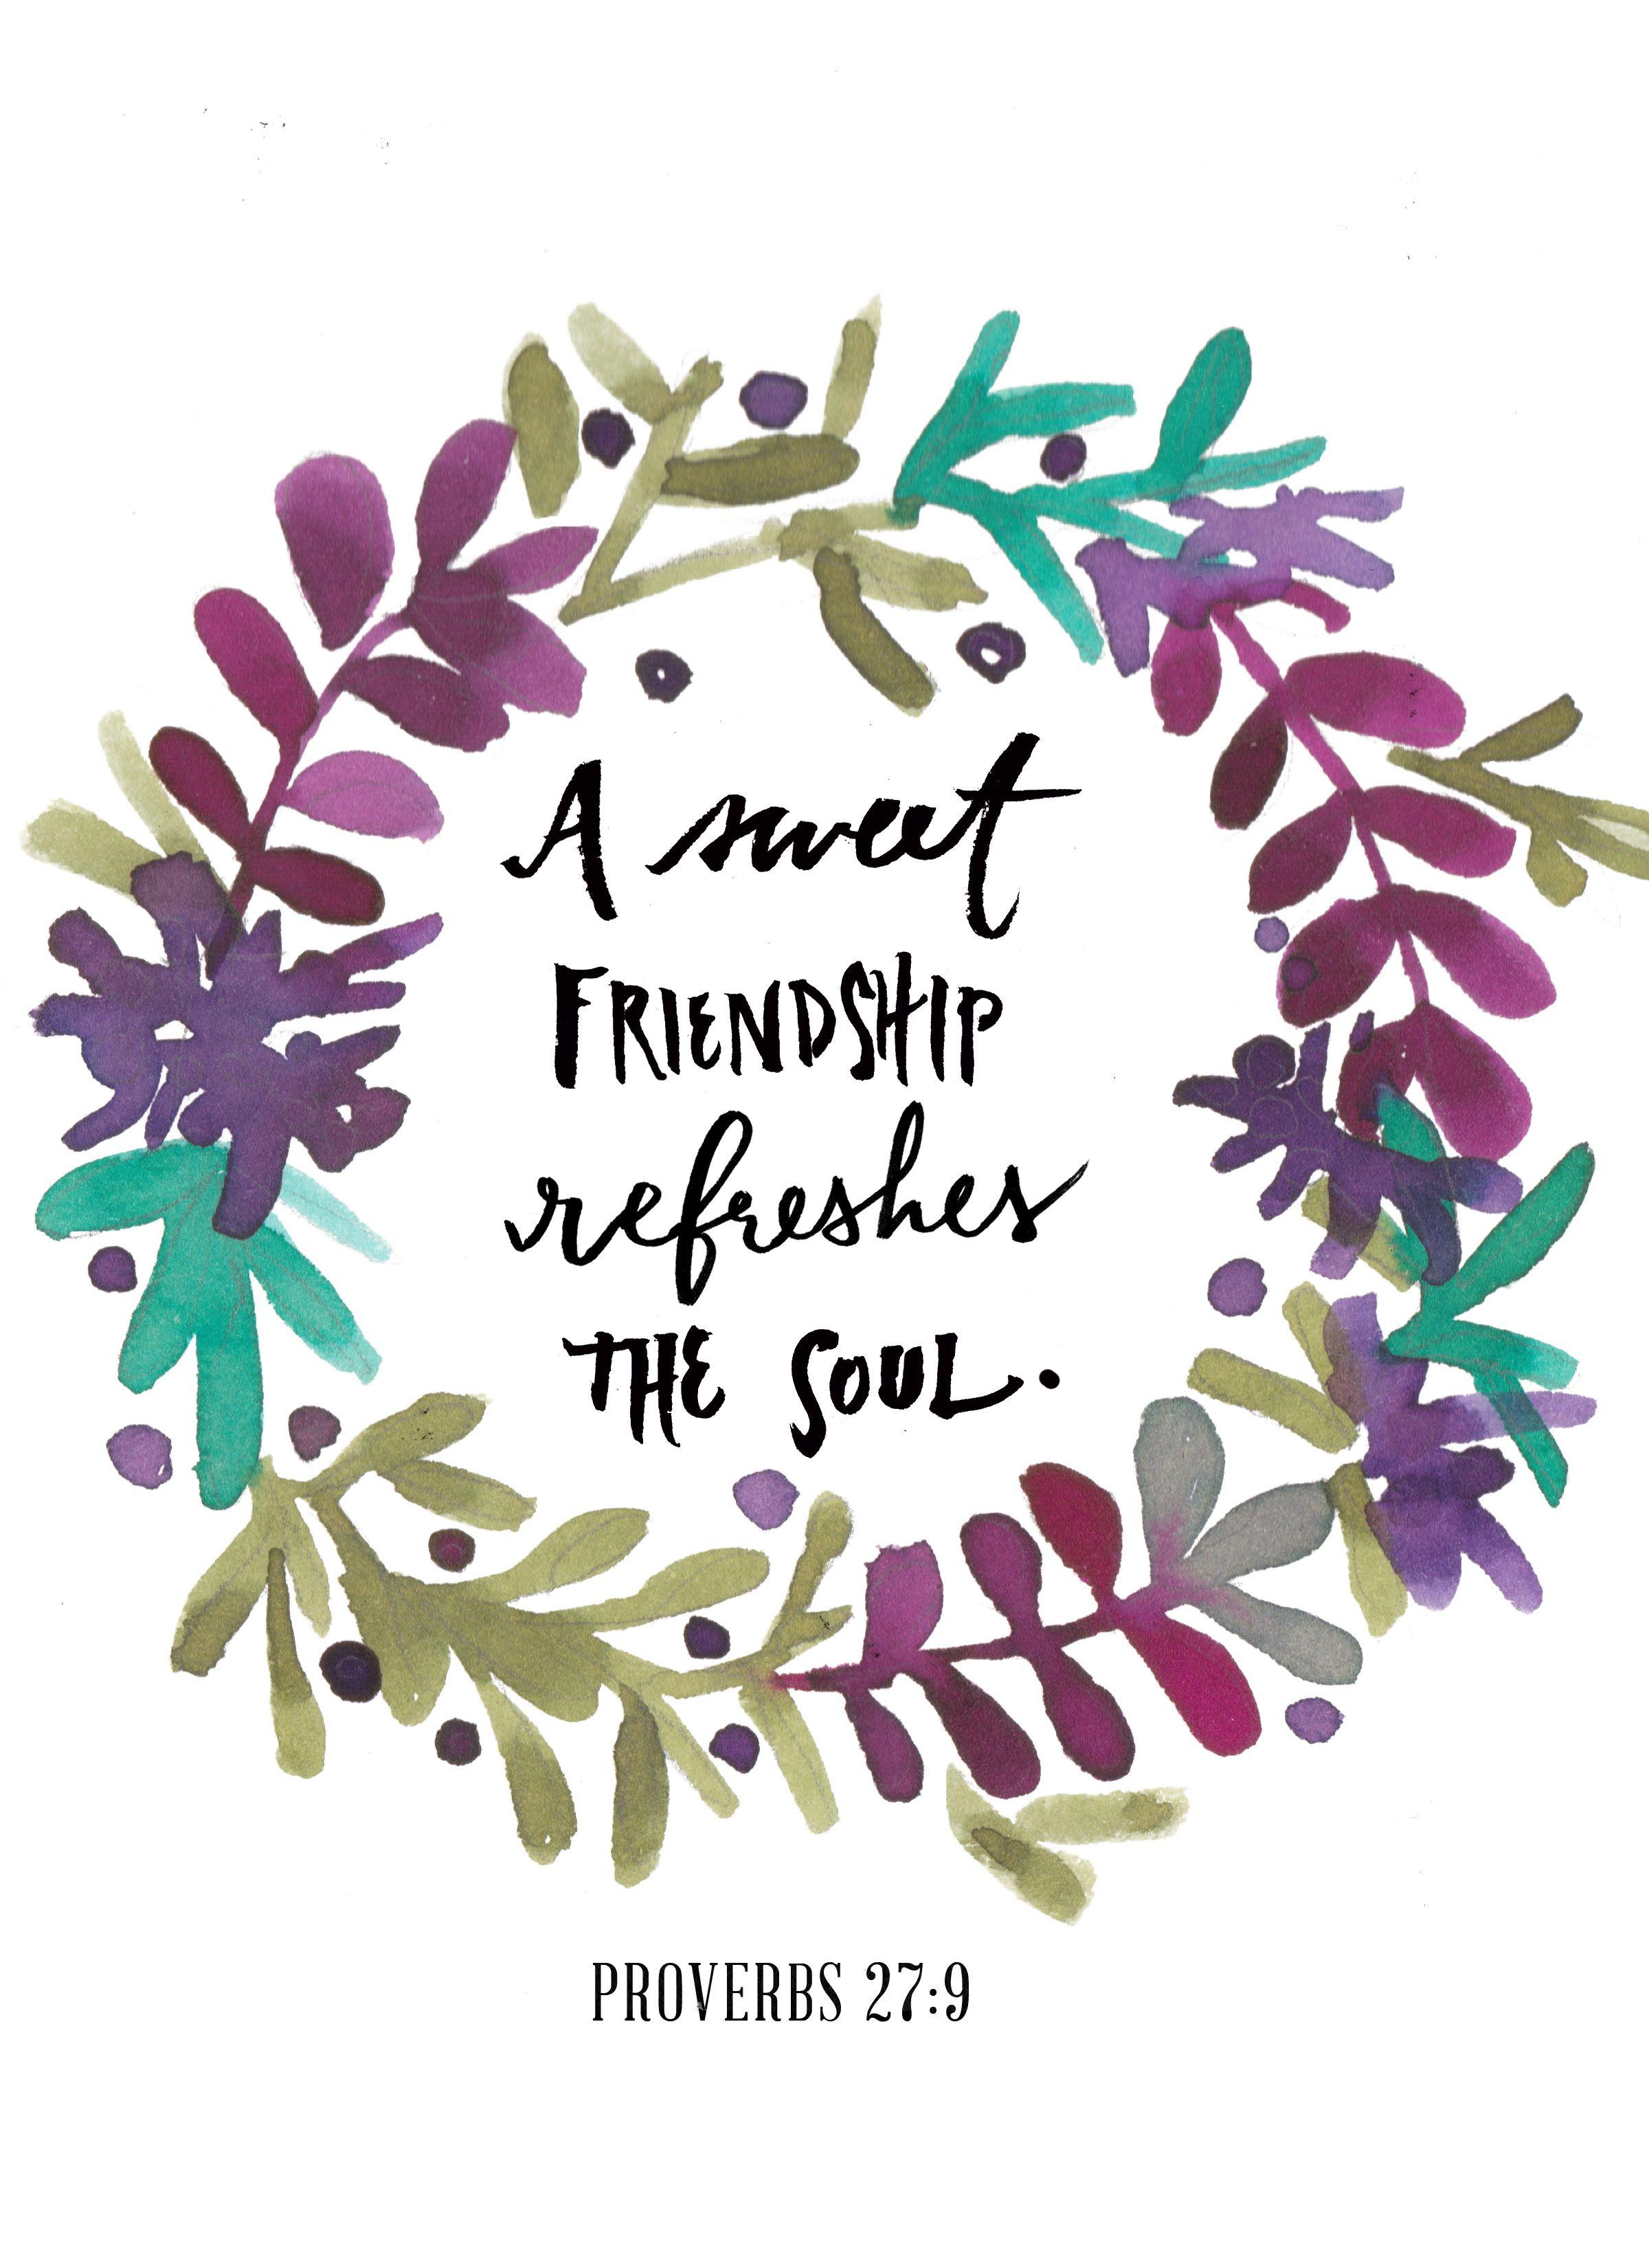 Sunday Scripture Scripture quotes, Friendship quotes